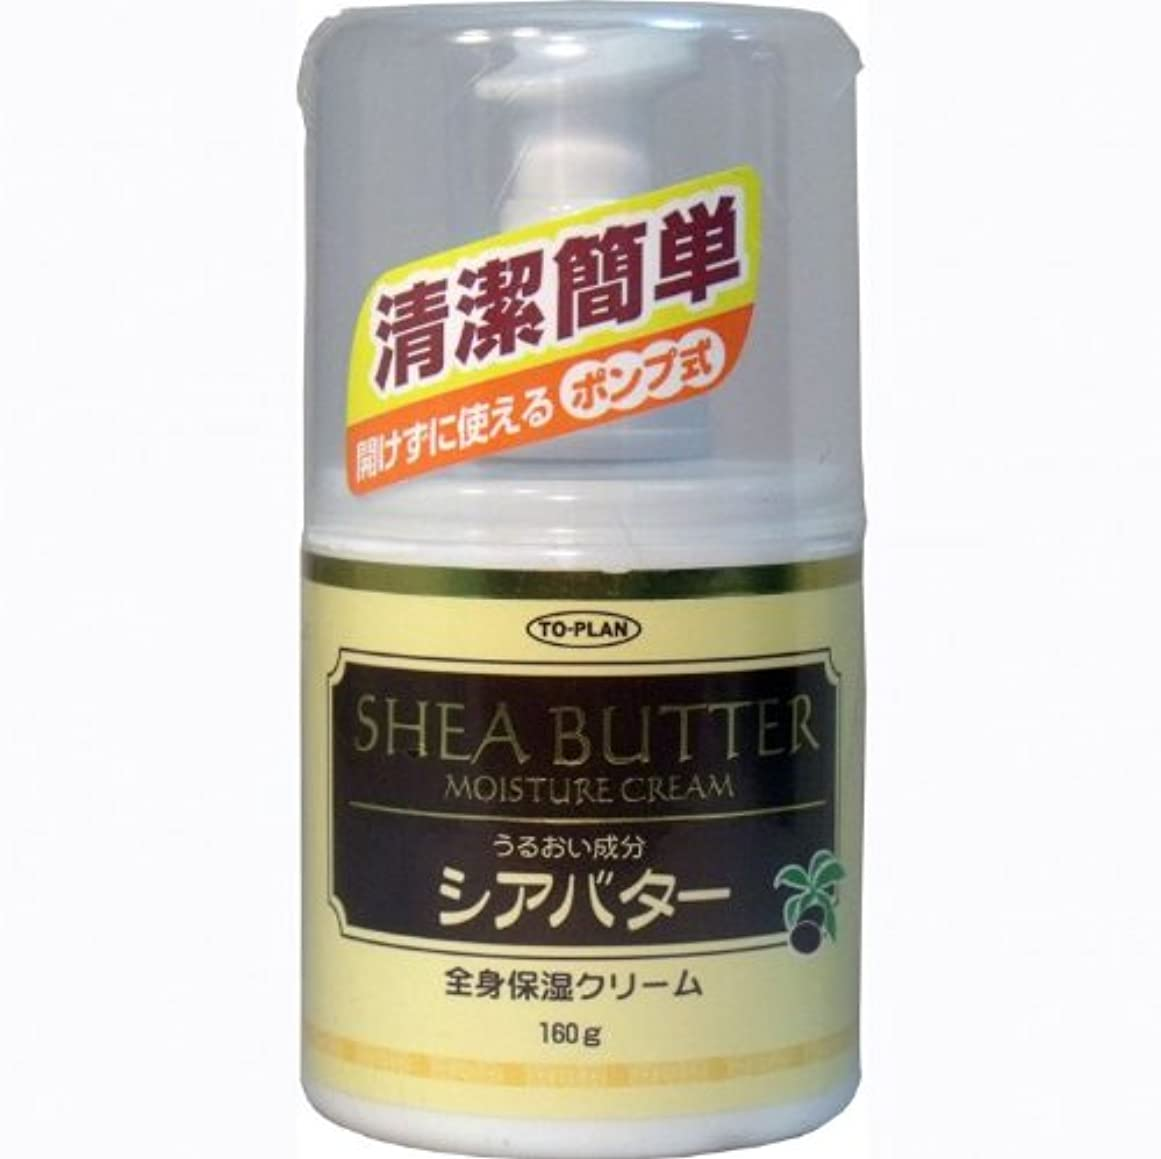 過剰スポンジ酸トプラン 全身保湿クリーム シアバター ポンプ式 160g【4個セット】